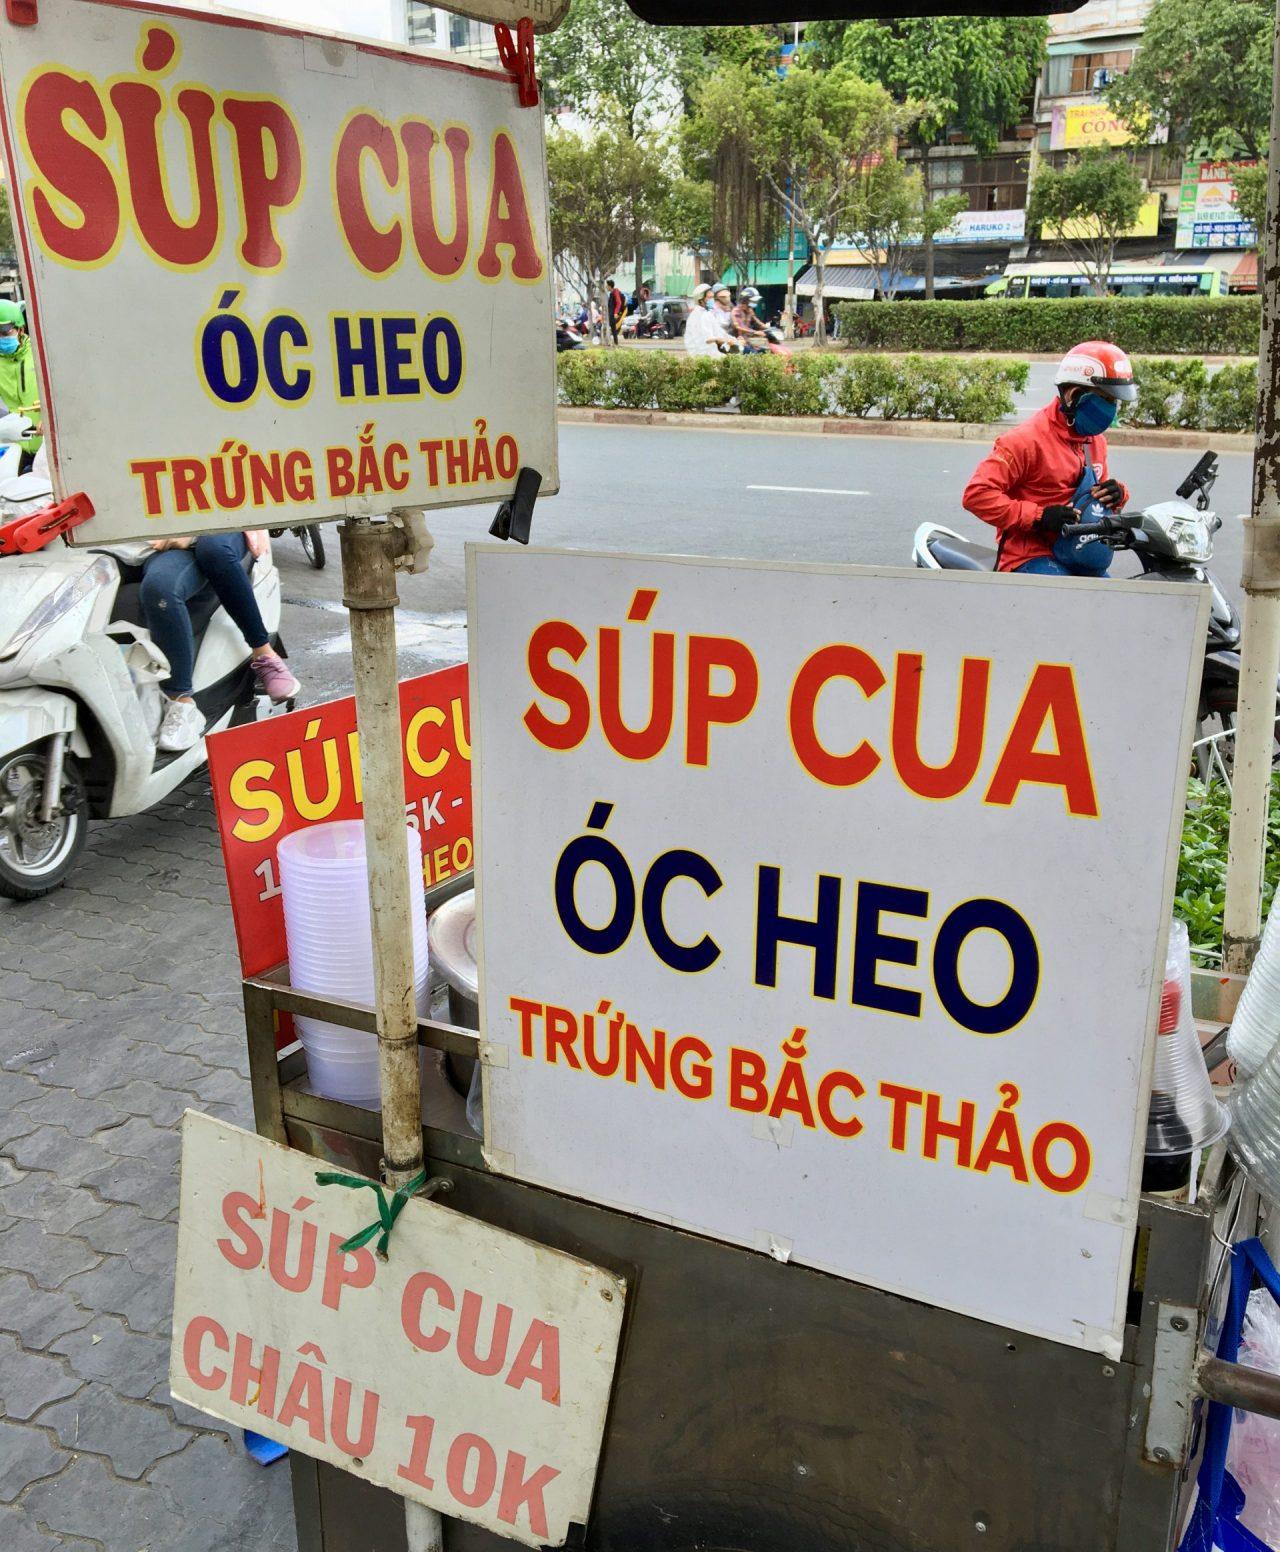 Súp Cua - Crab Meat Soup - Delicious Vietnam